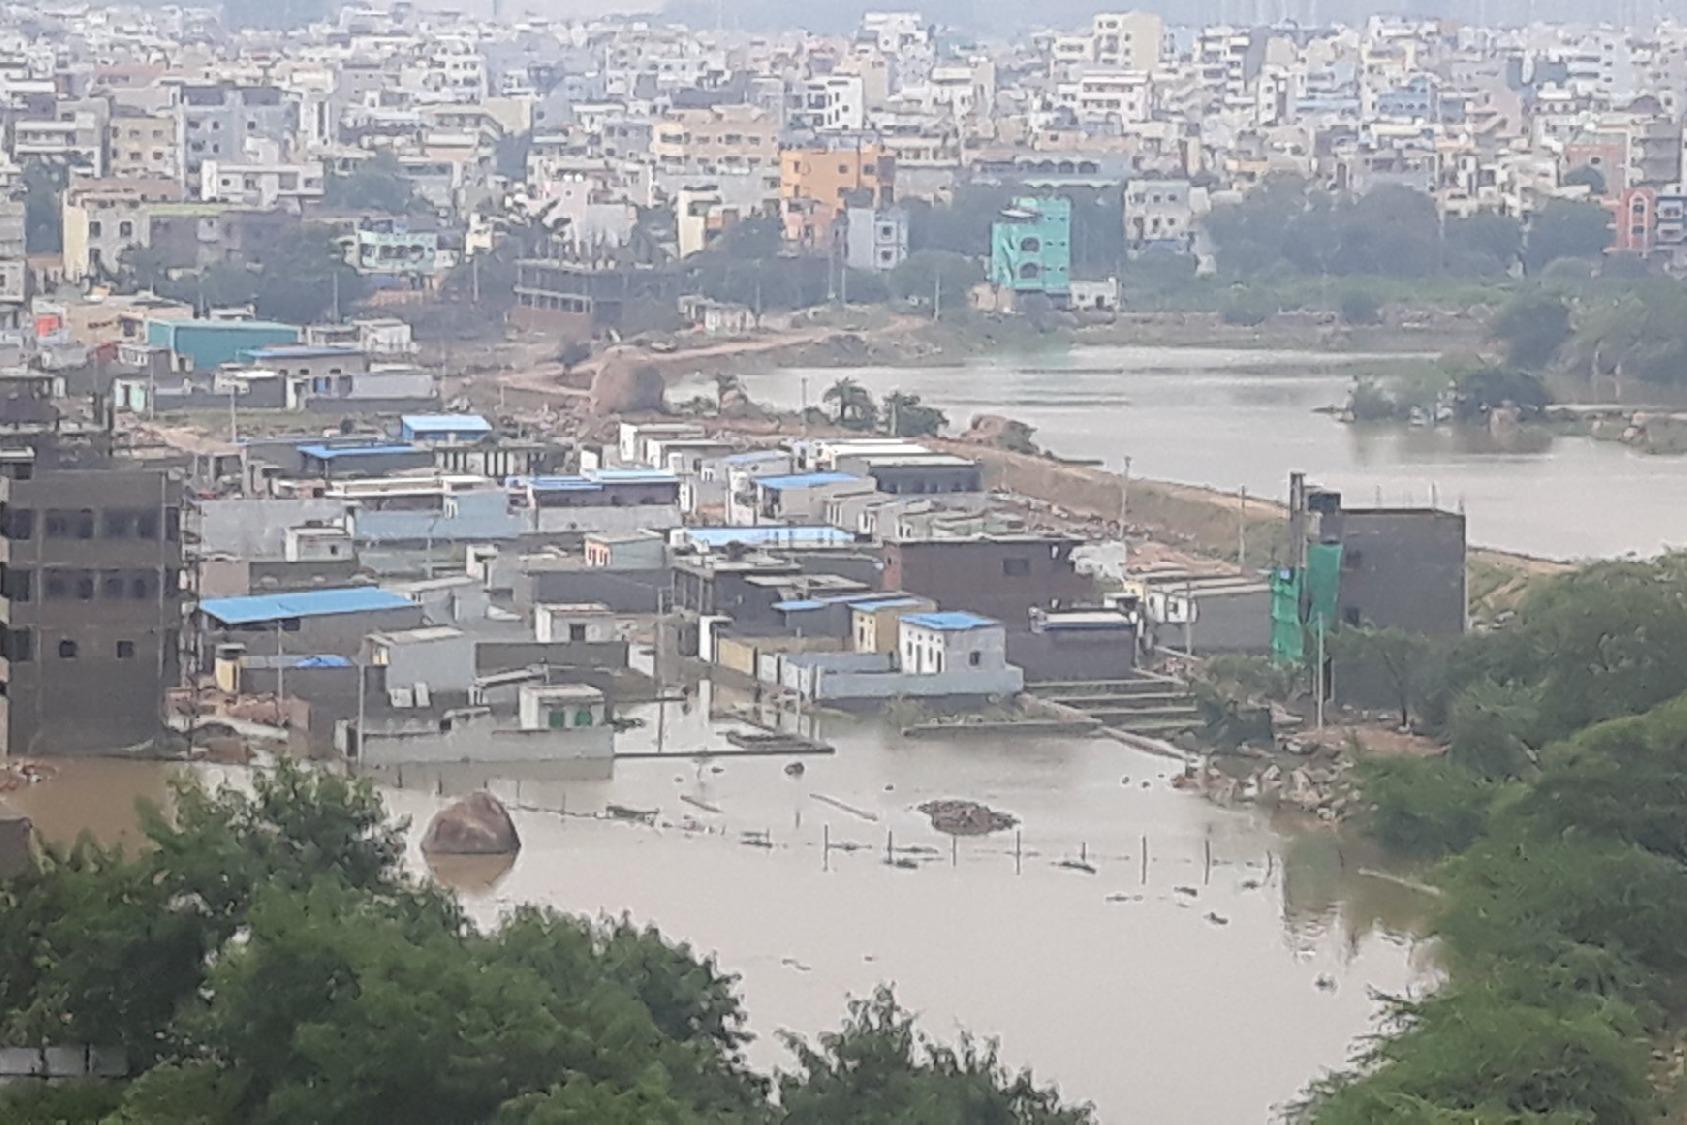 Hetero Drugs announces ten crore rupees for flood relief in Hyderabad